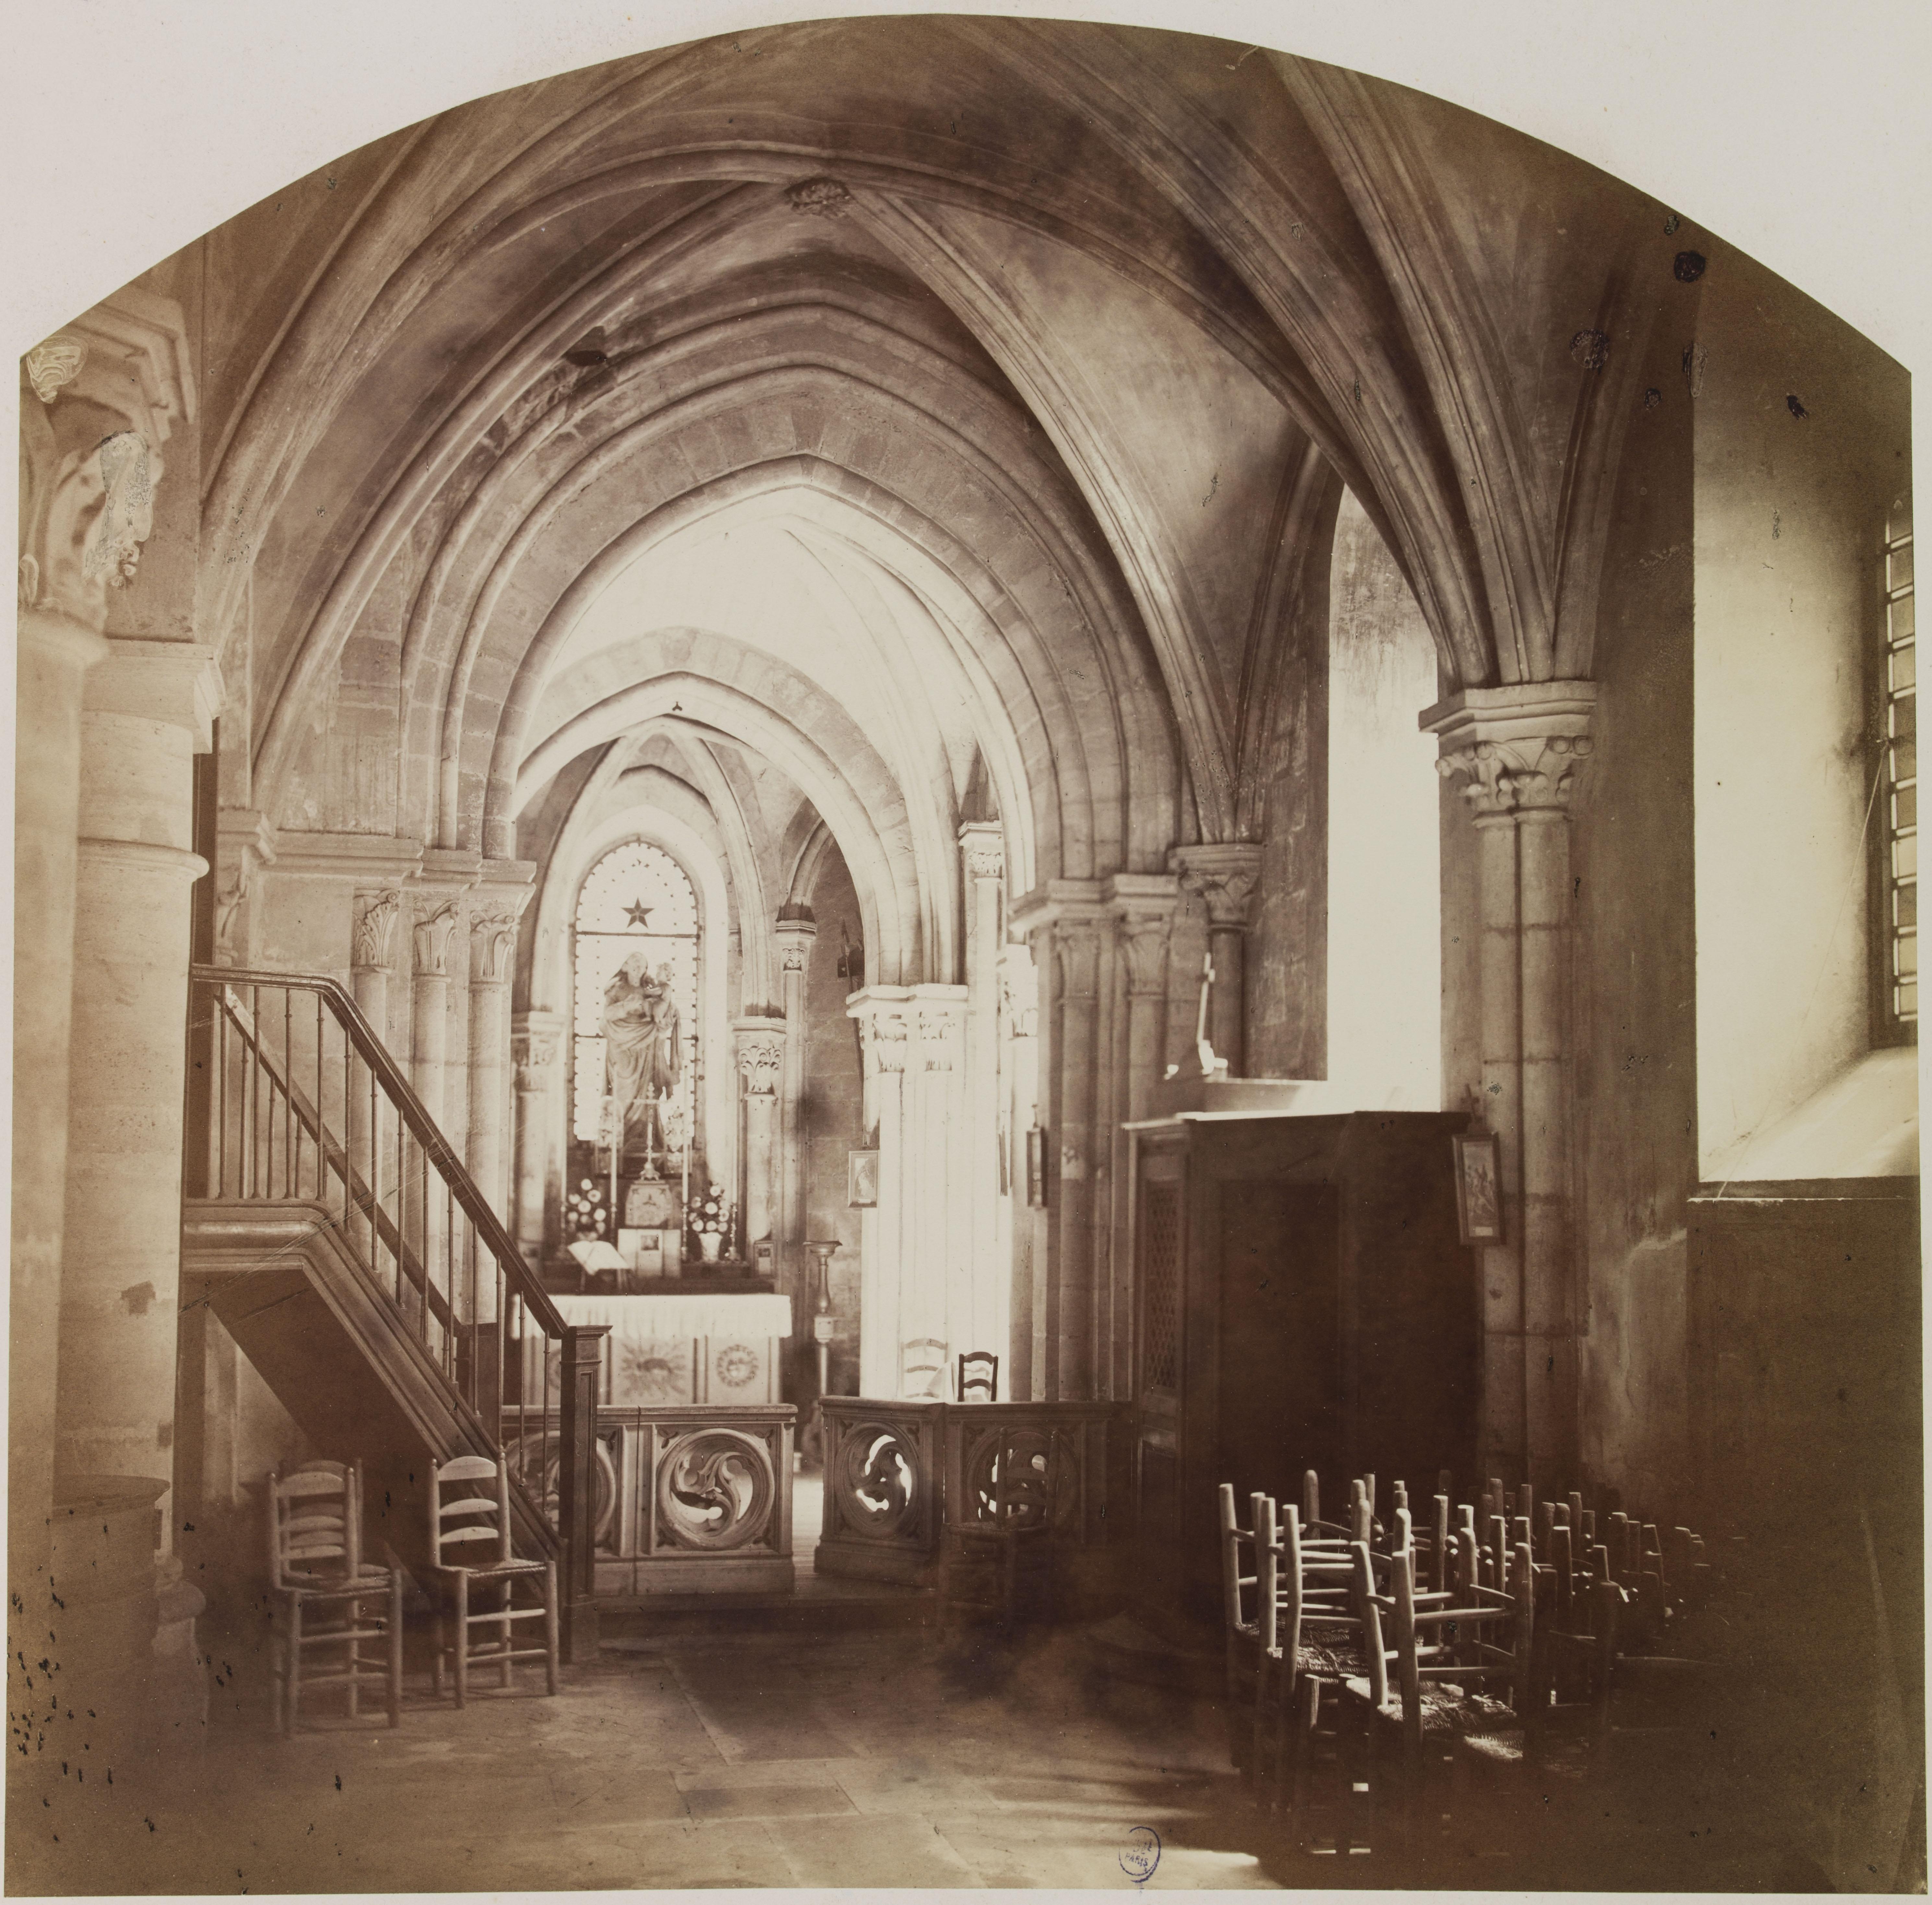 Церковь Сен-Жюльен-ле-Повр. Правый проход, вид на Часовню Богородицы